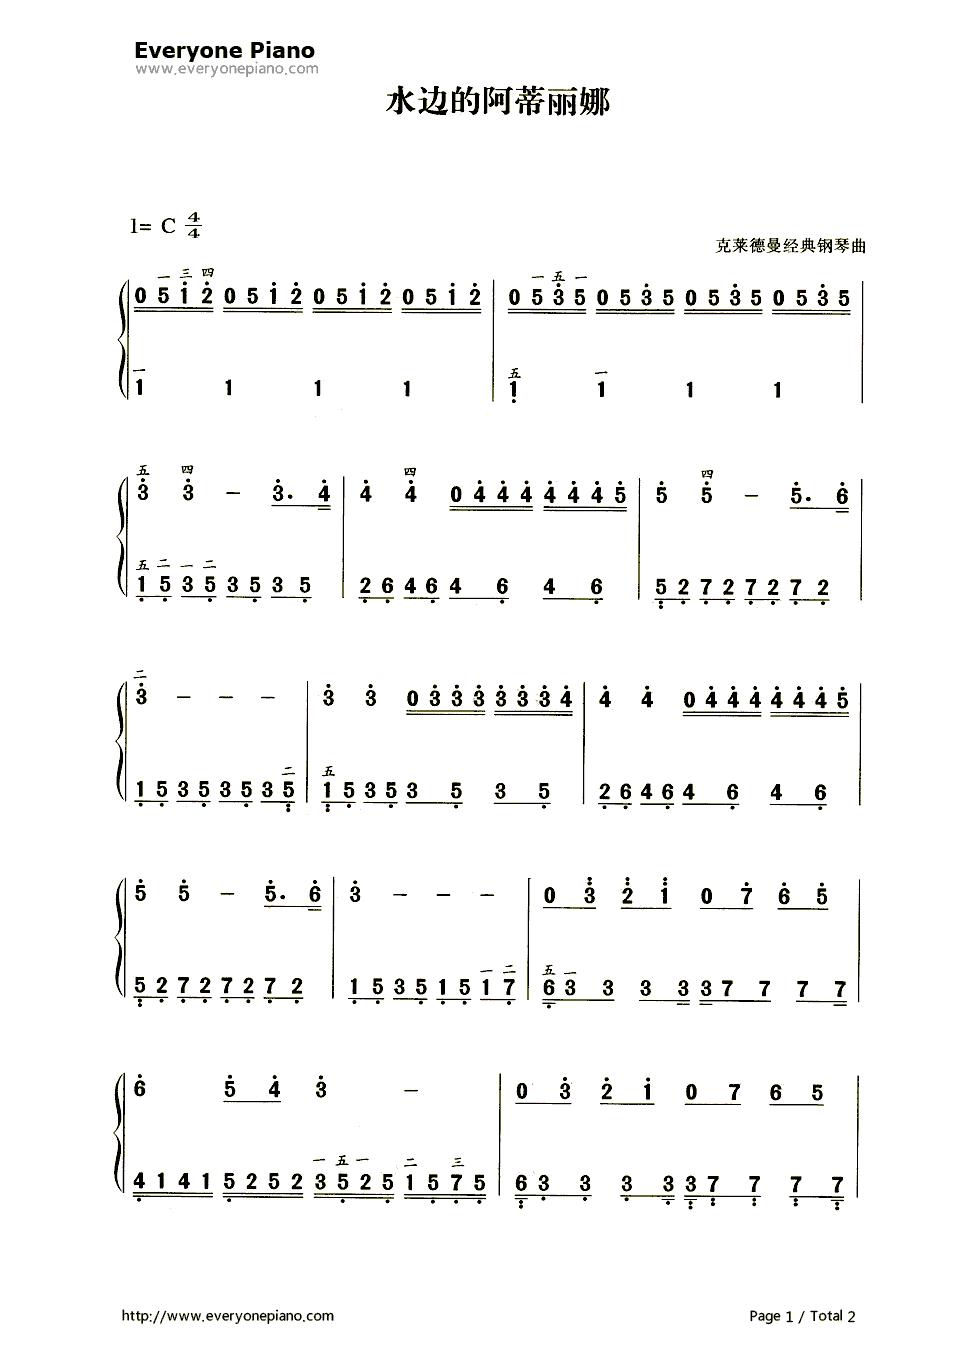 成都原版钢琴简谱